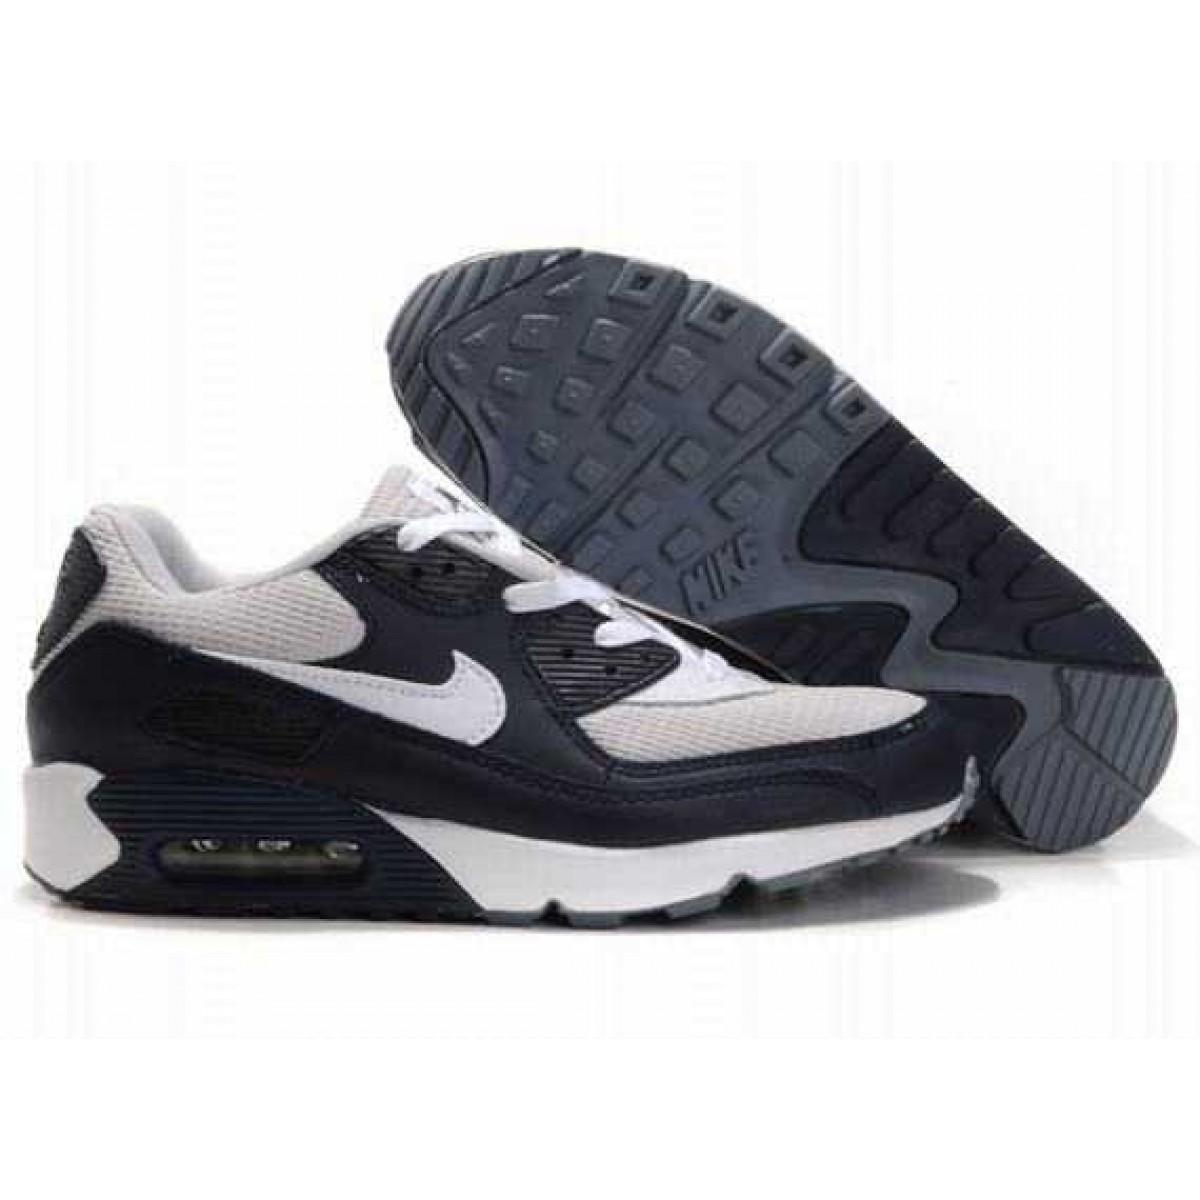 100% authentic 4b540 f2e28 Achat   Vente produits Nike Air Max 90 Femme Noir,Nike Air Max 90 Femme